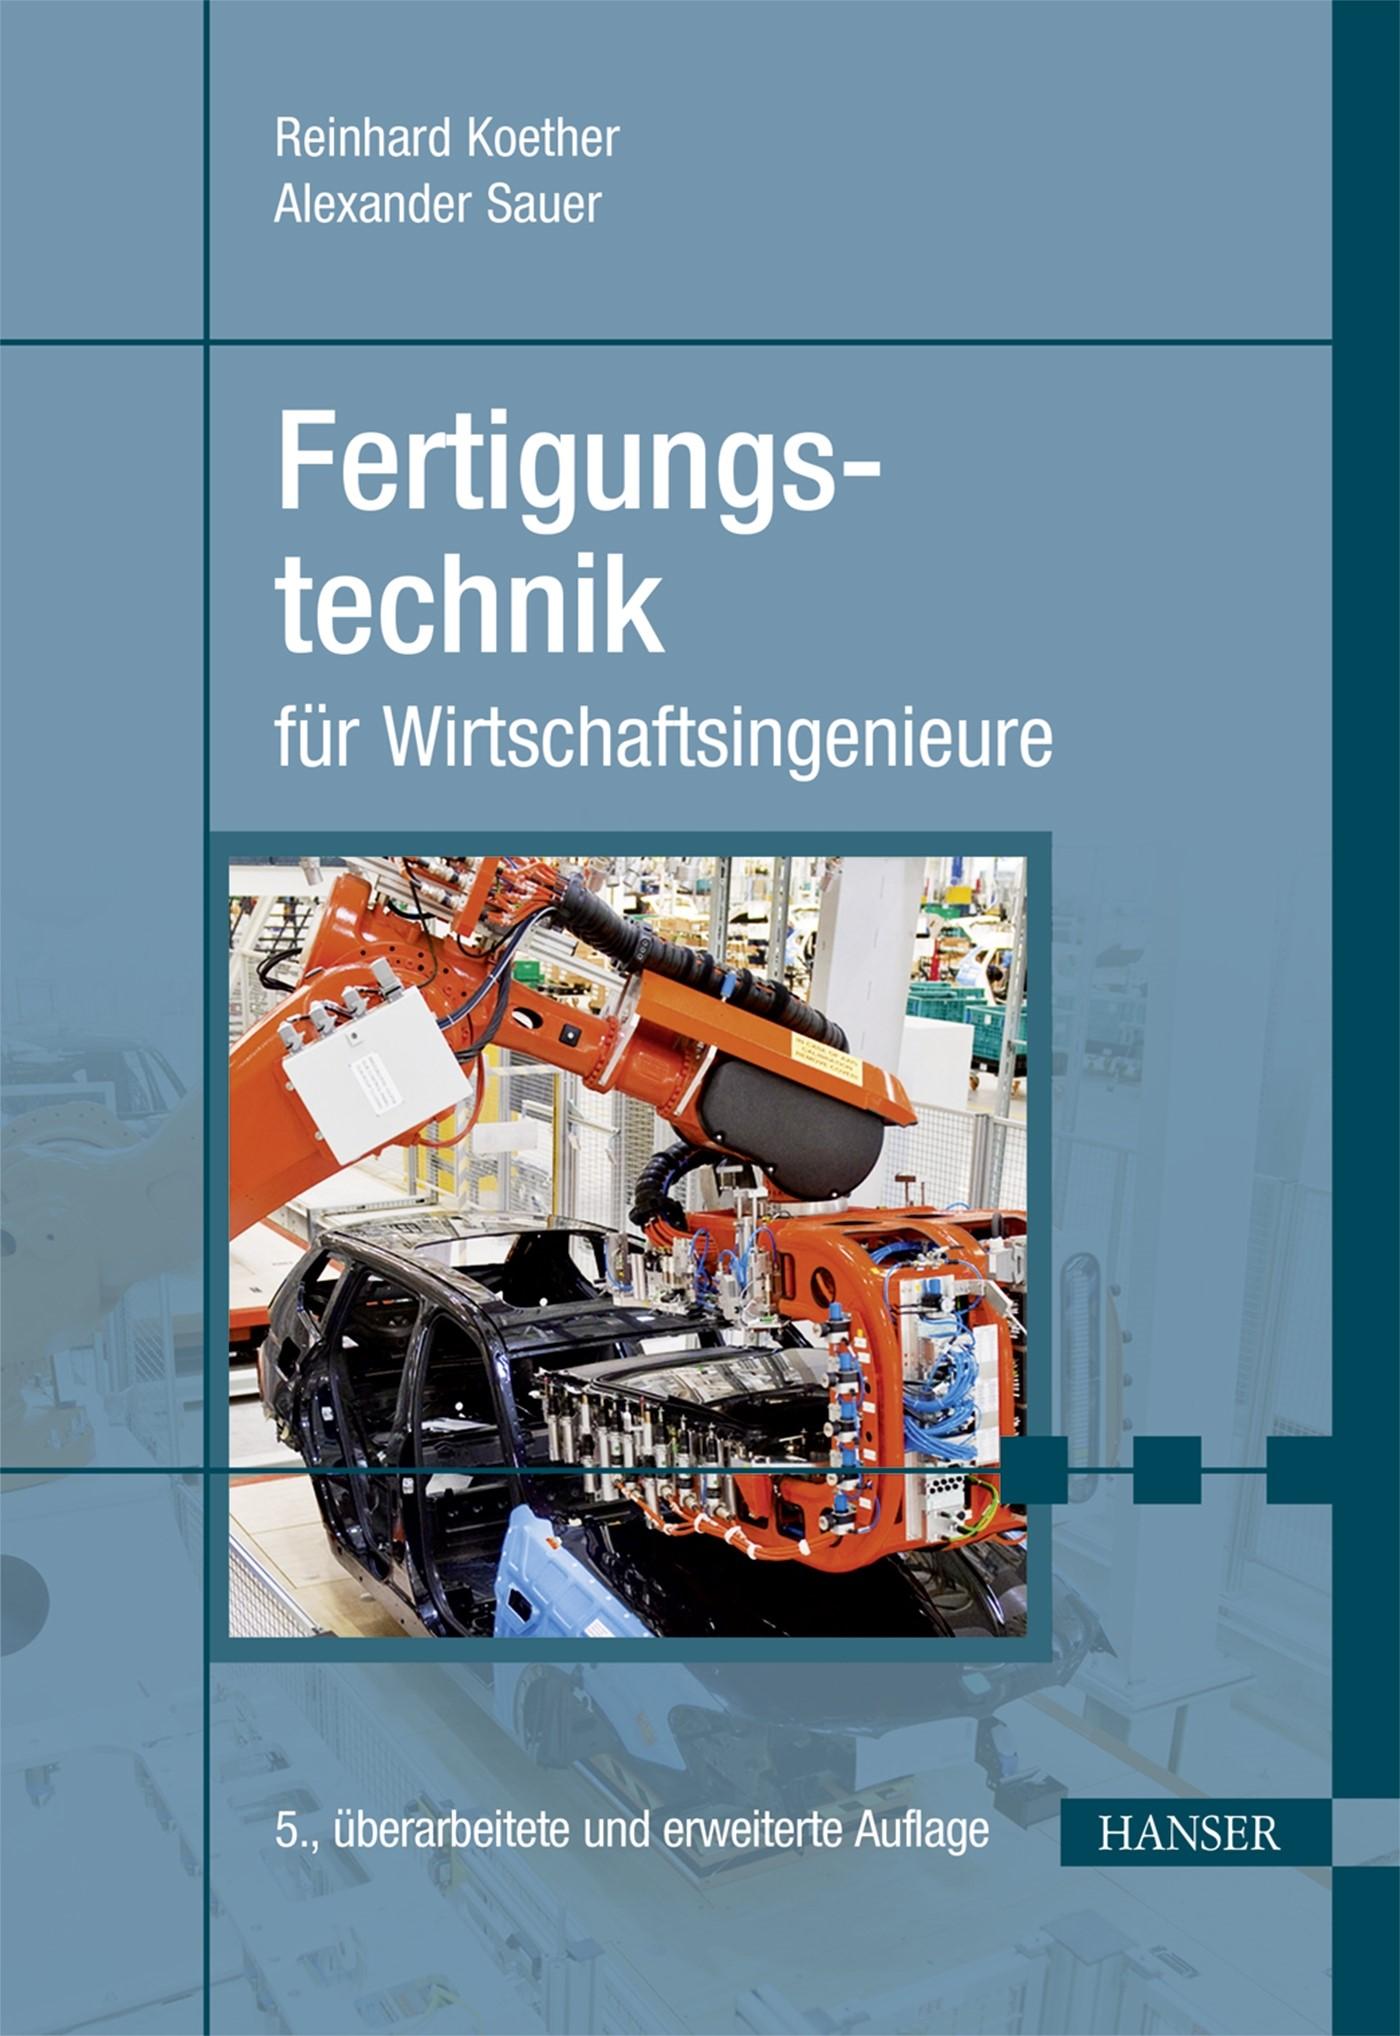 Fertigungstechnik für Wirtschaftsingenieure | Koether / Sauer | 5., überarbeitete und erweiterte Auflage, 2017 | Buch (Cover)